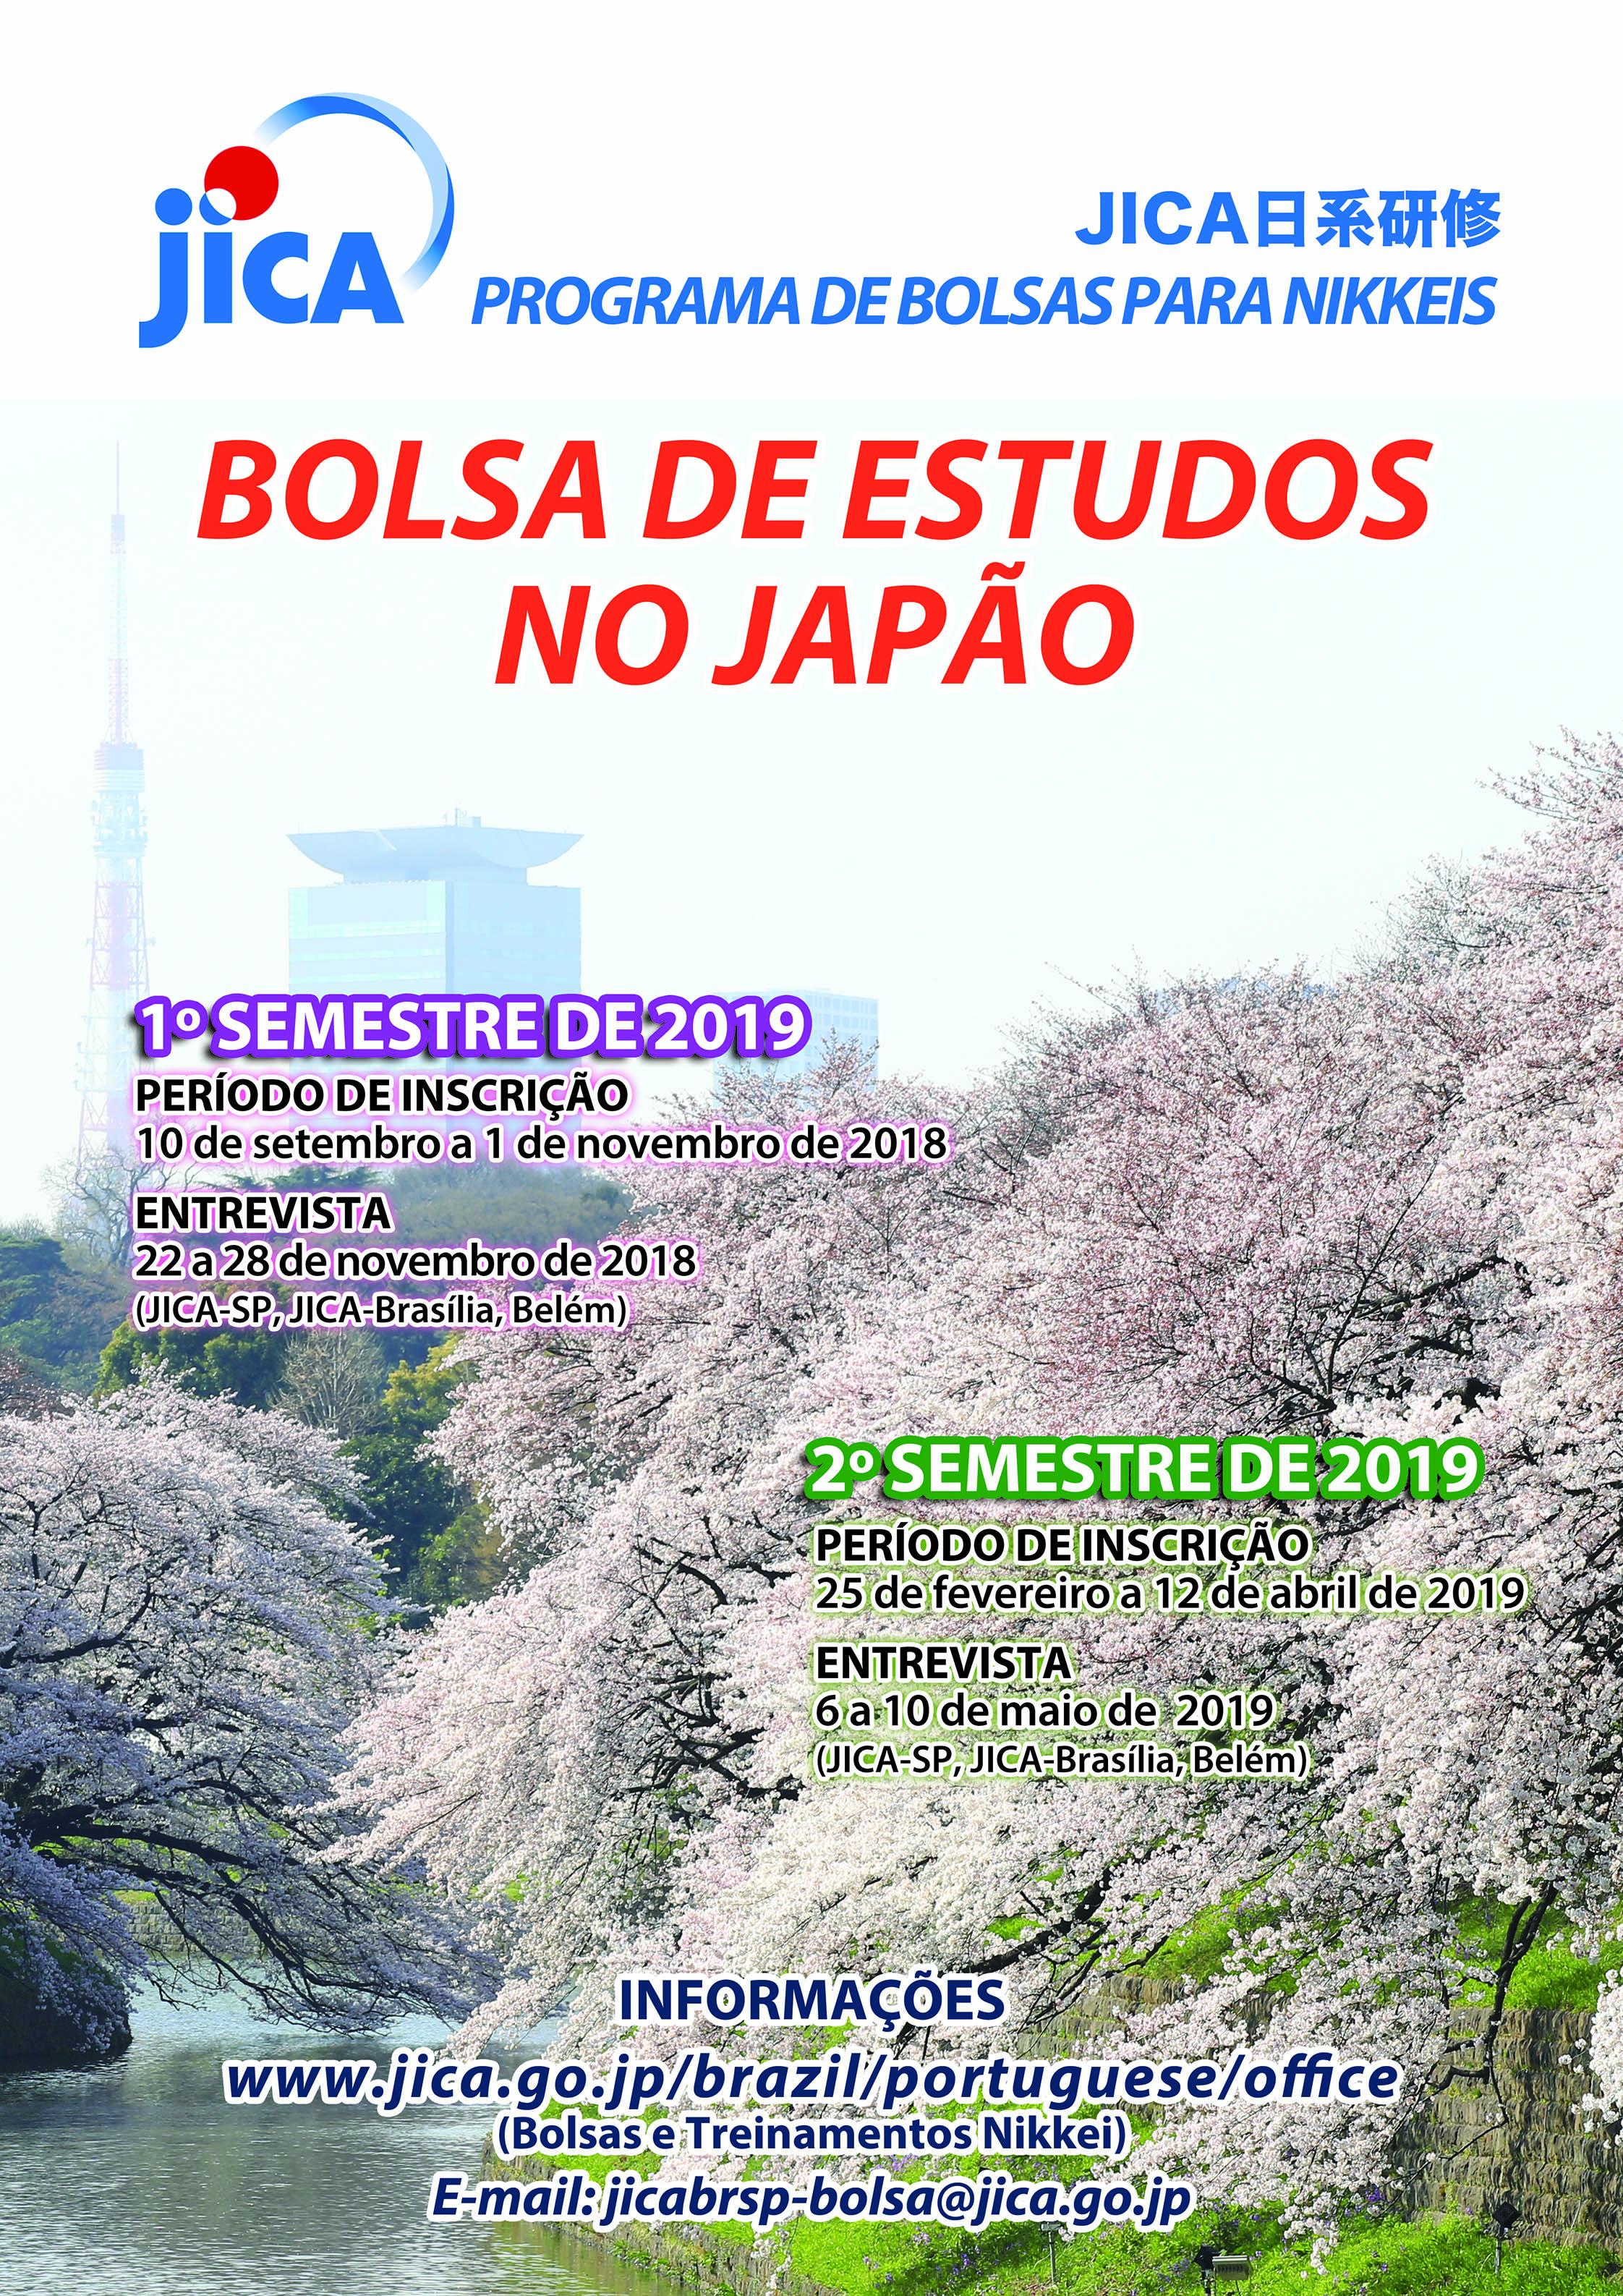 Programa de Bolsas de Estudos no Japão (1°Semestre/2019)